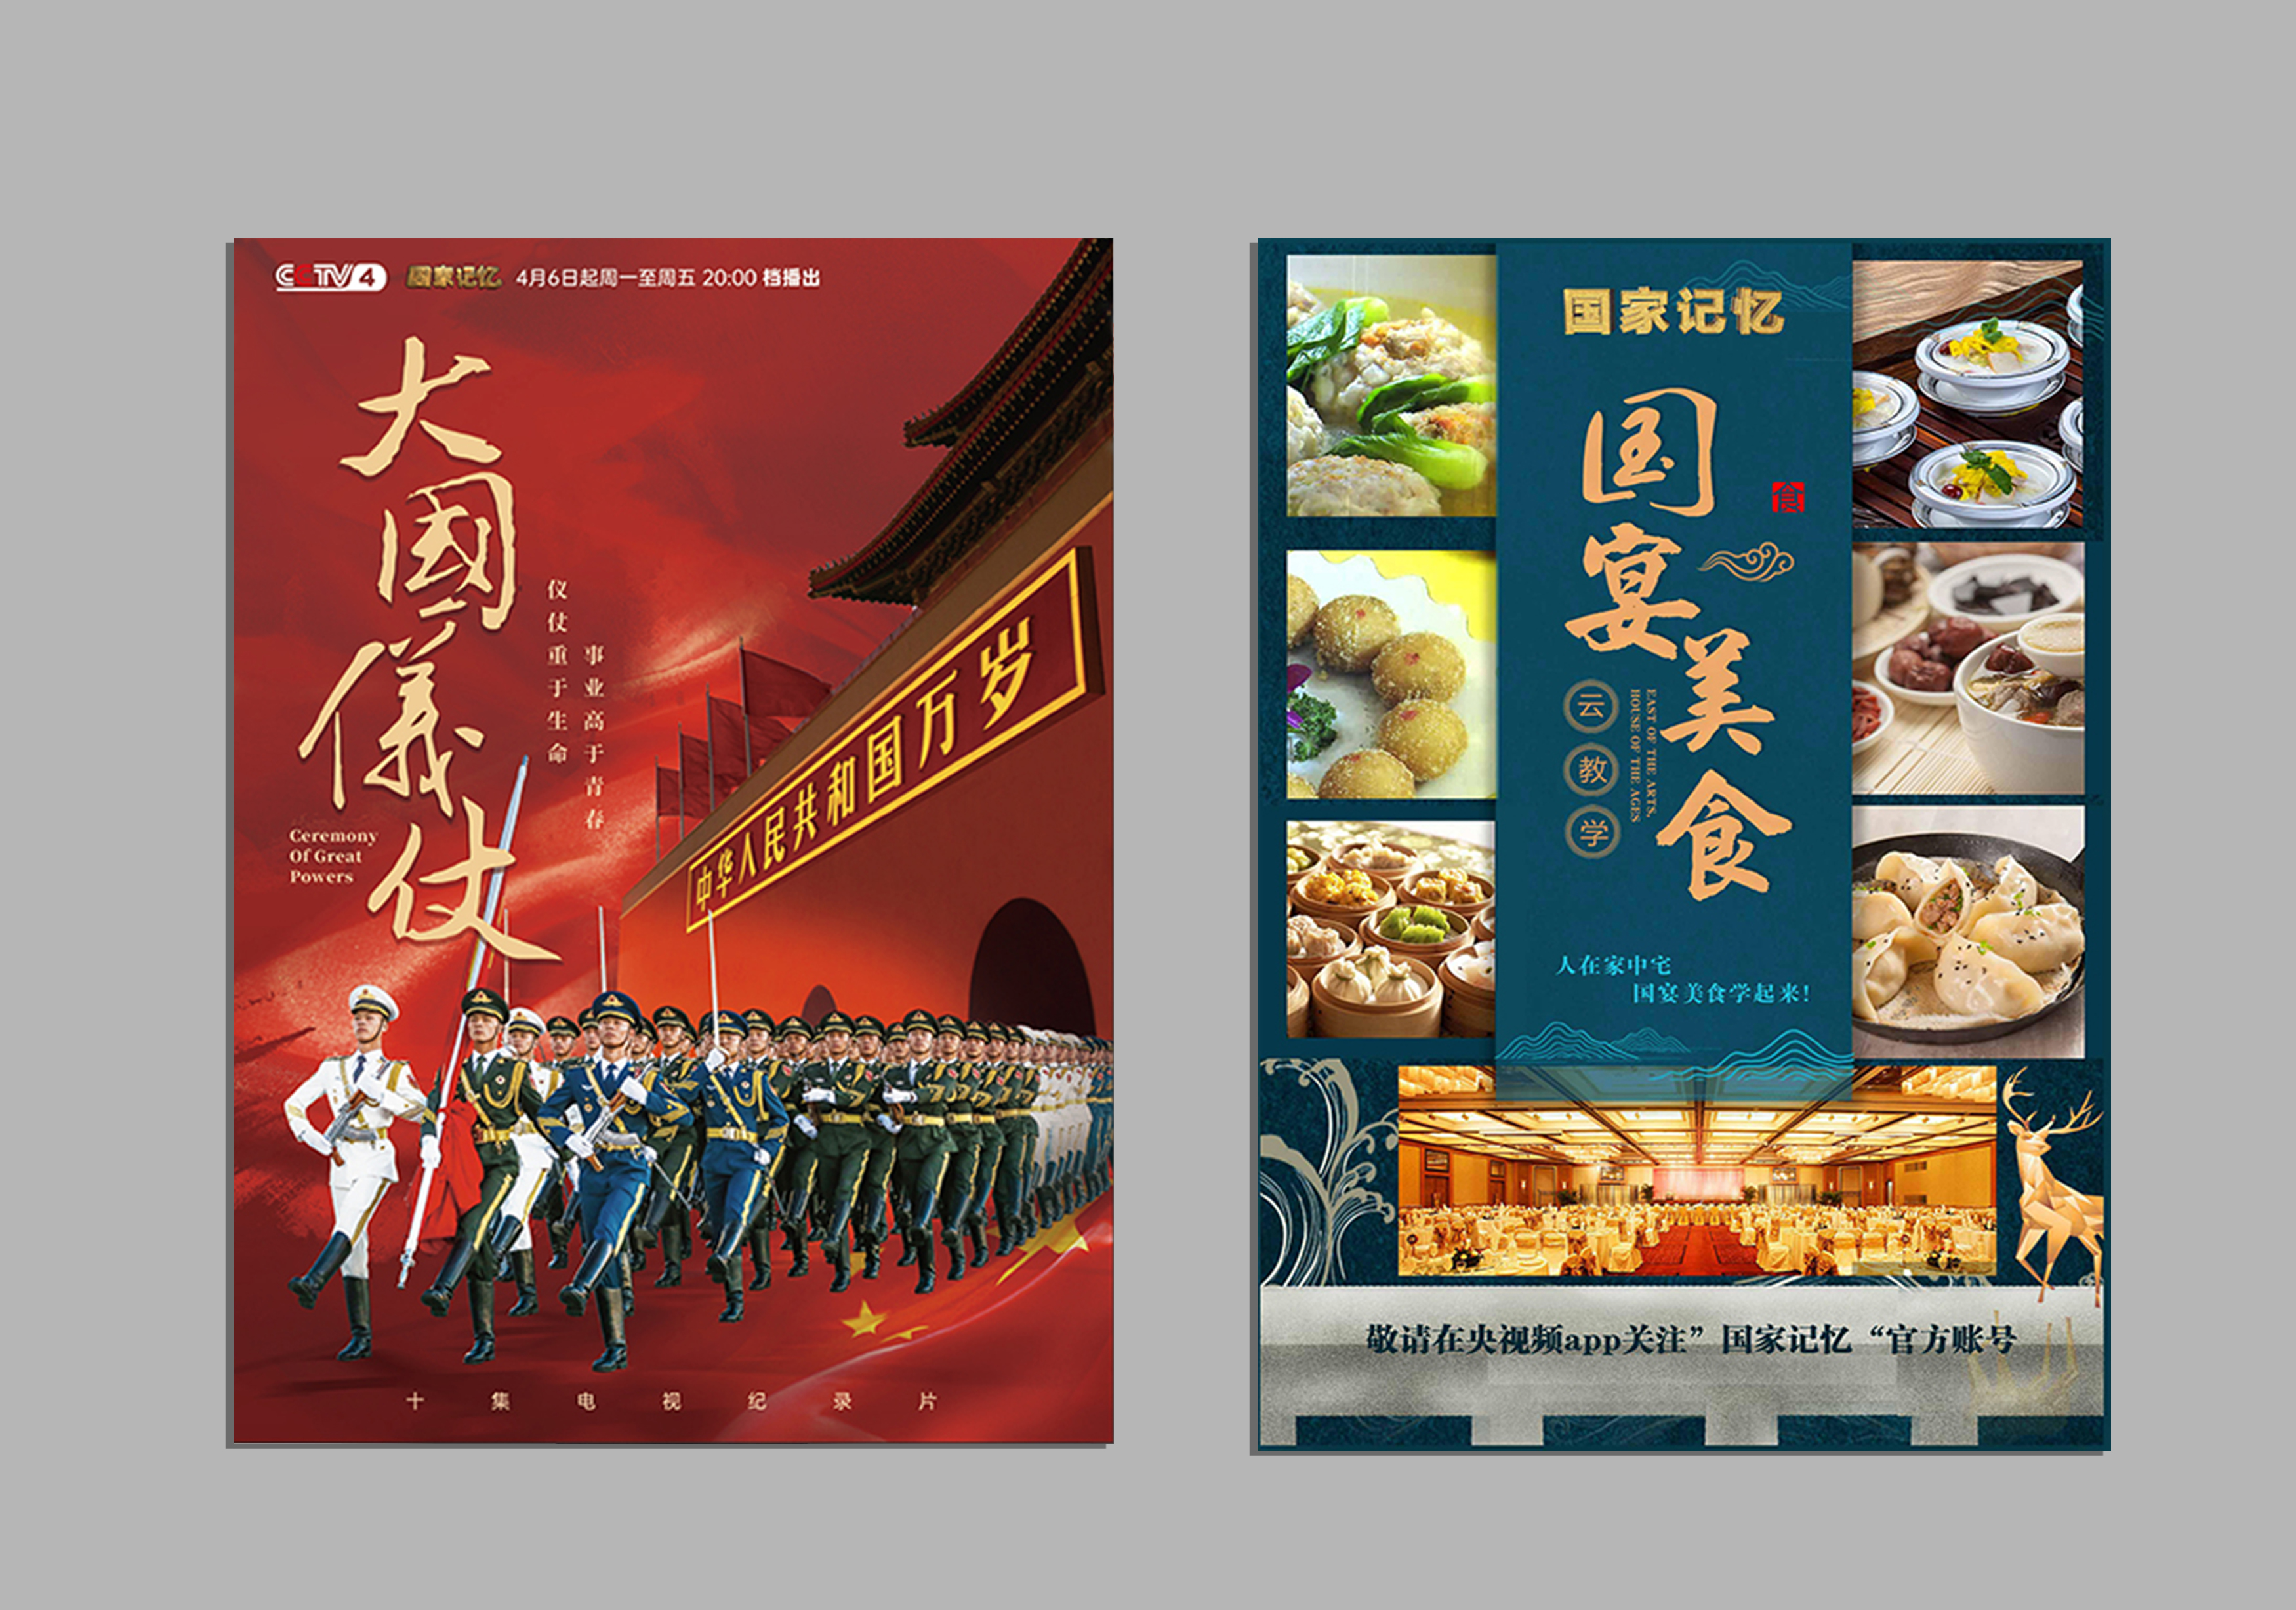 会议活动产品主题宣传微信朋友圈主视觉创意节气节日创意海报设计